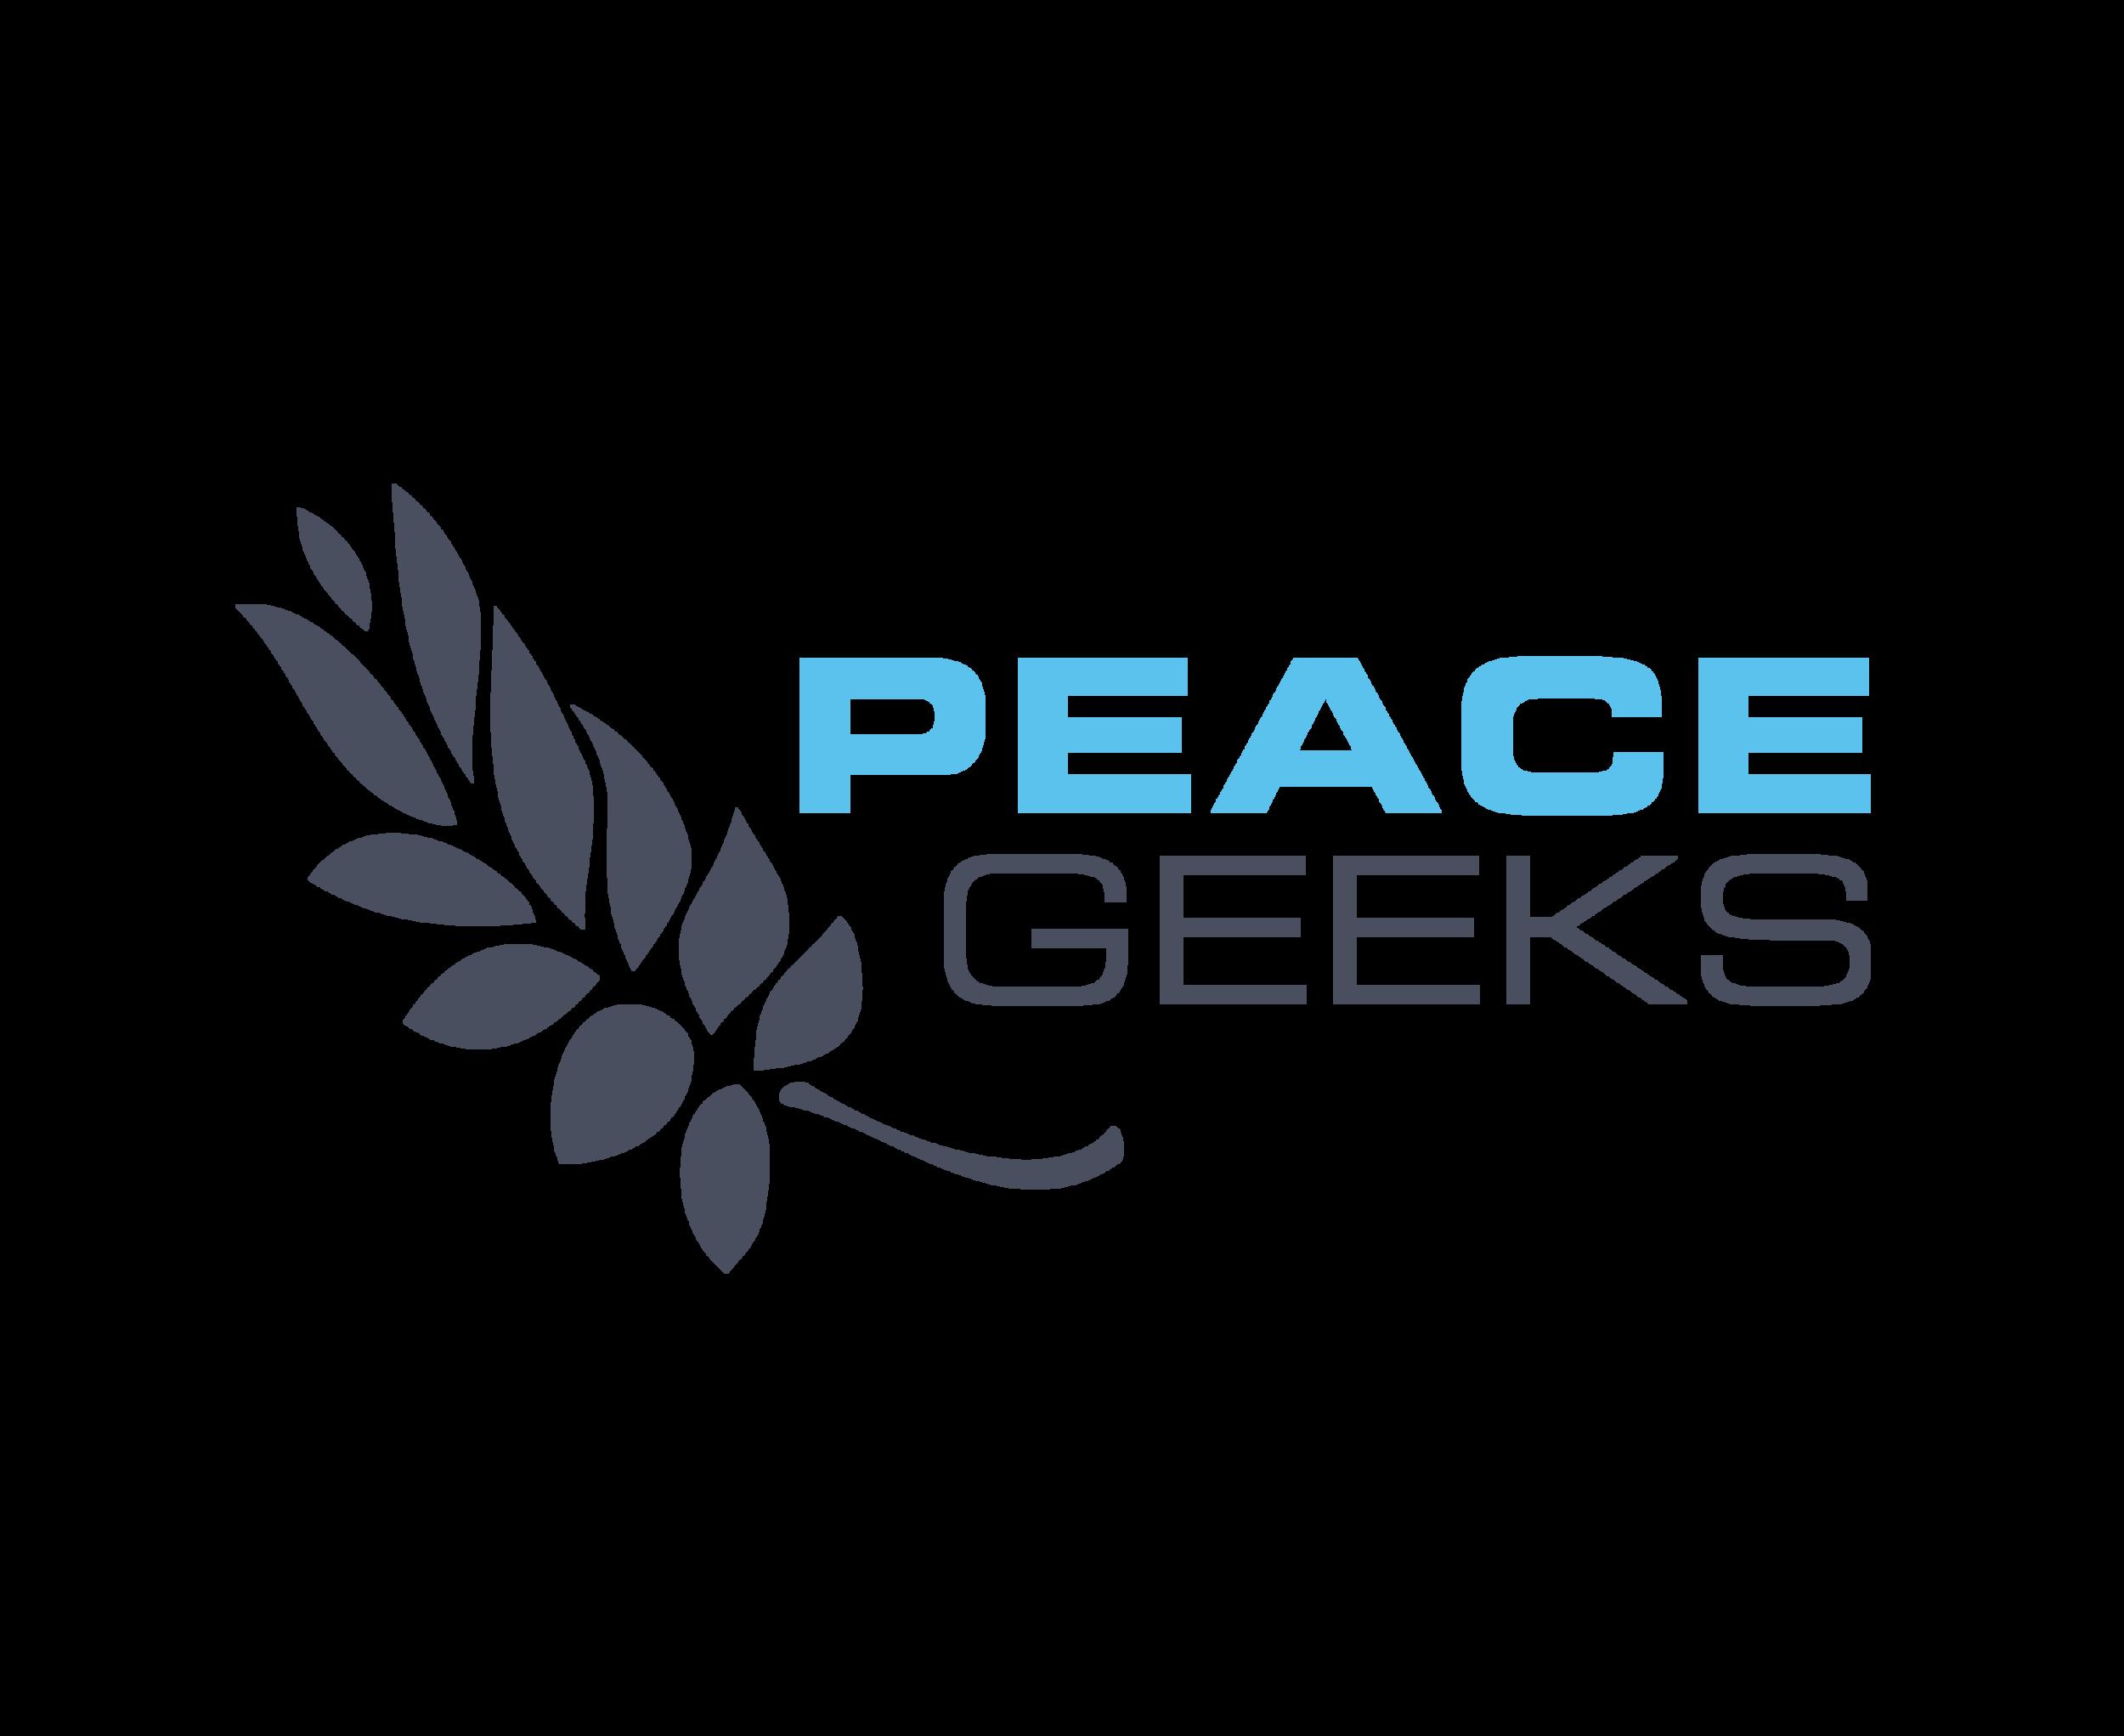 PeaceGeeks_updated.png